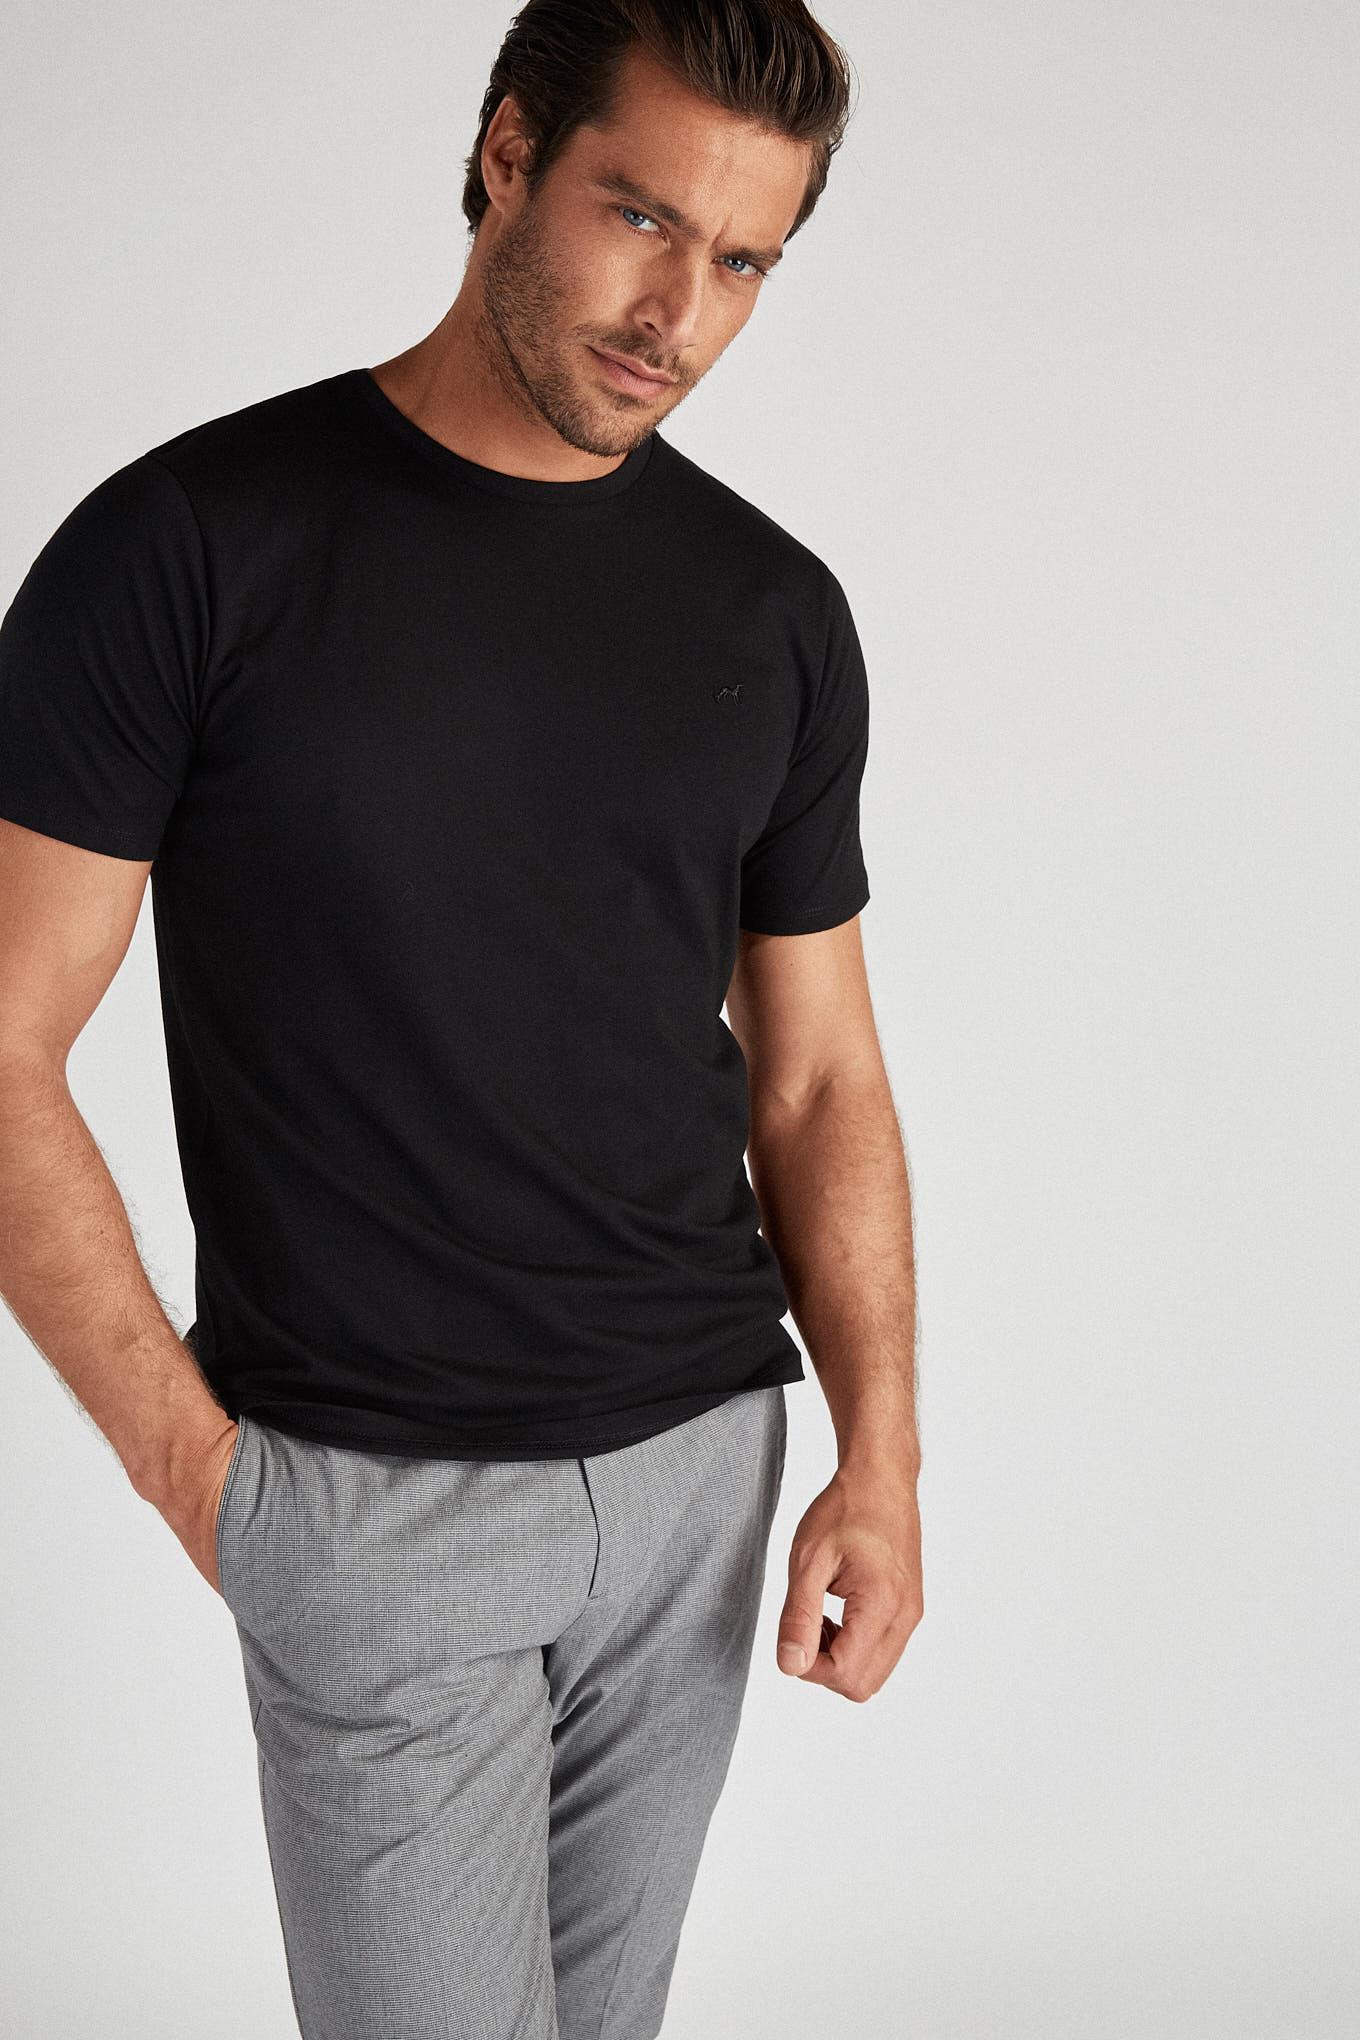 T-Shirt Preto Sport Homem